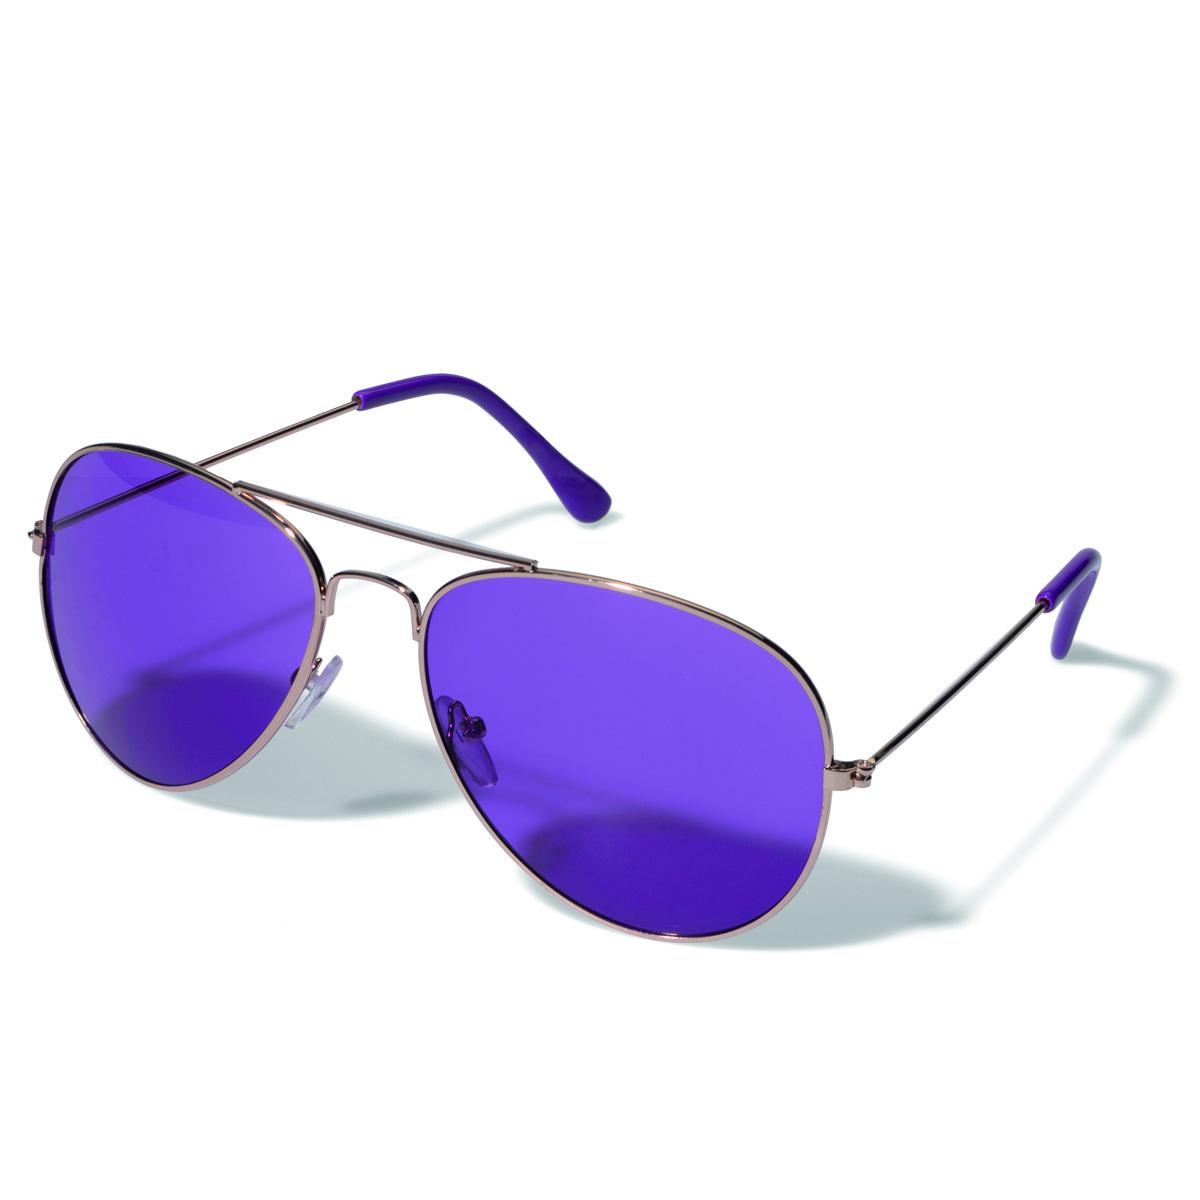 New Yorker SUNGLASSES Sunglasses 53 001 lilac 79000 RSD New Yorker vam predlaže: Najbolje naočare za sunce